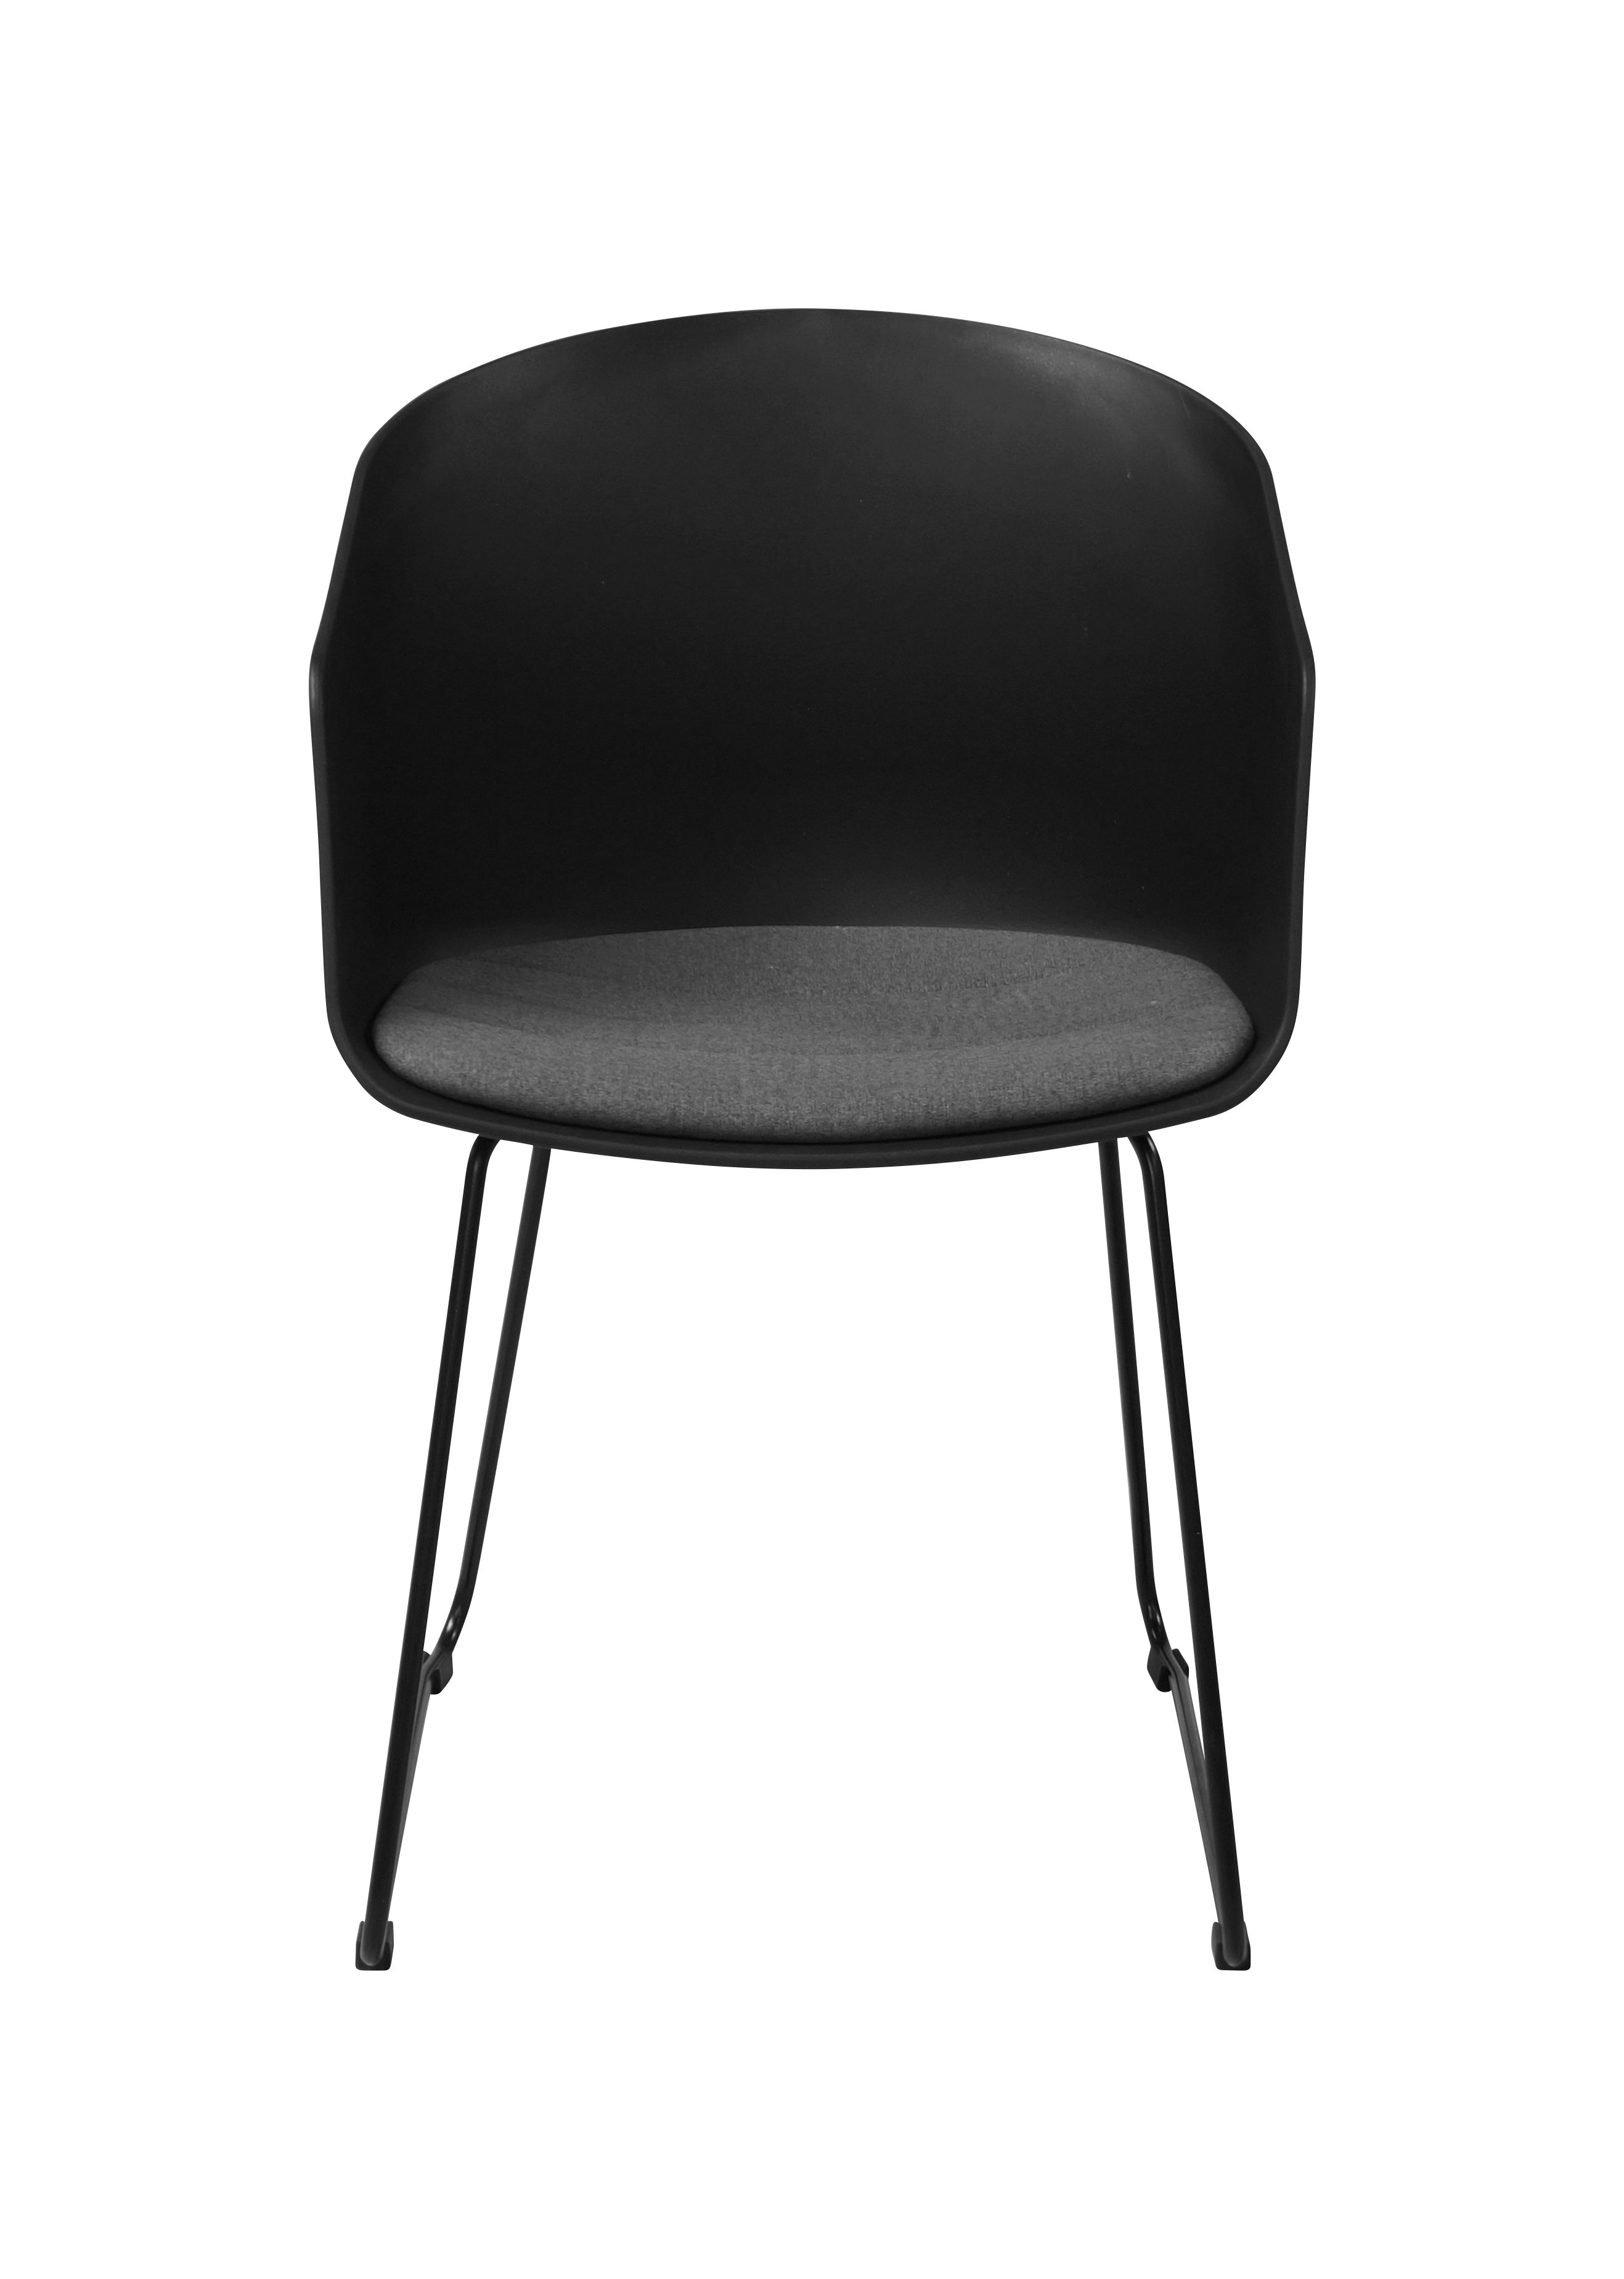 scandinavisch_interieur_stoel_eetkamerstoel_werkkamer_inrichten_levaleva_zwarte_eetkamerstoel_.jpg